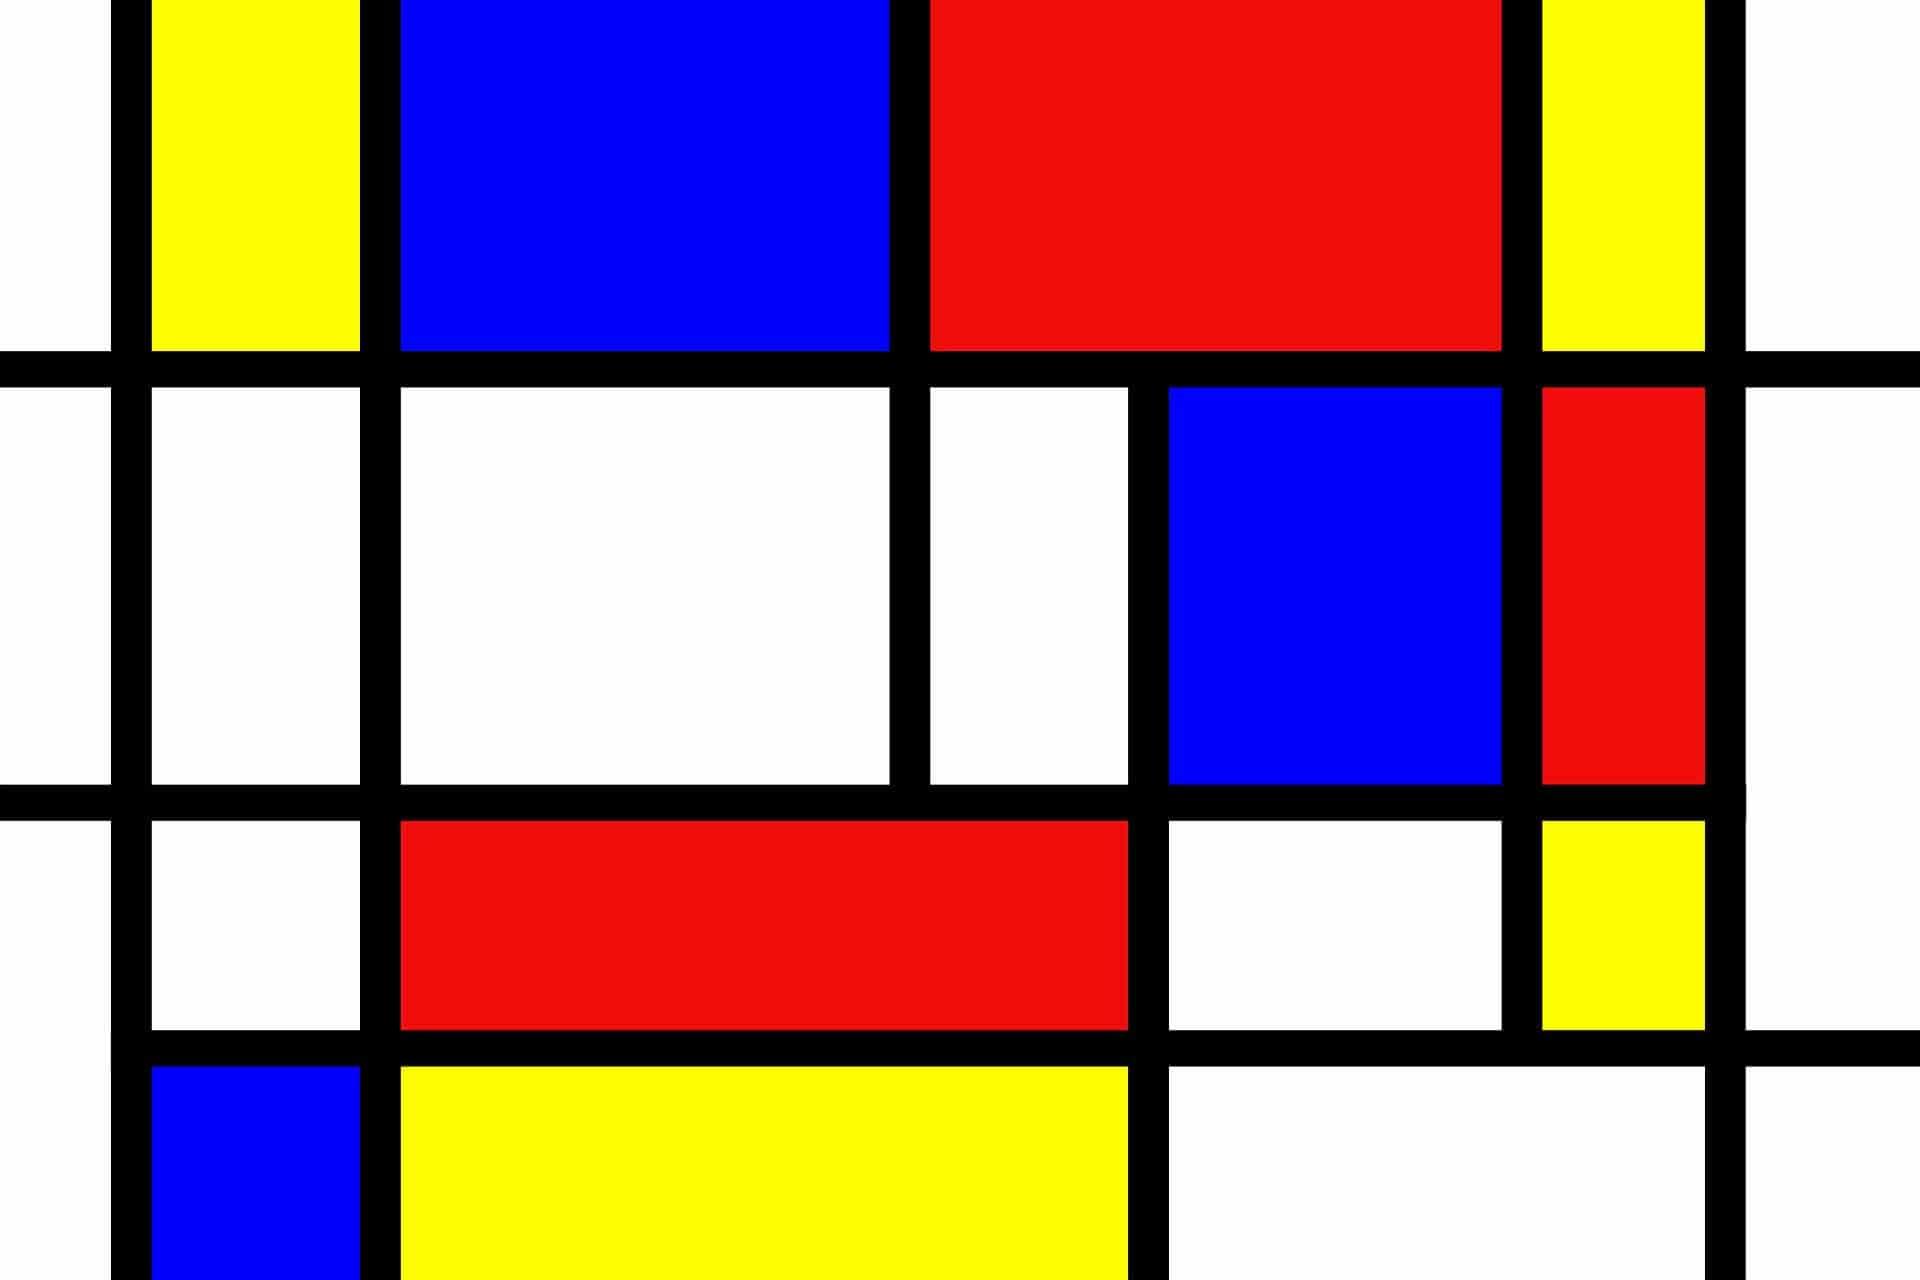 t2informatik Blog: What are low-code platforms?